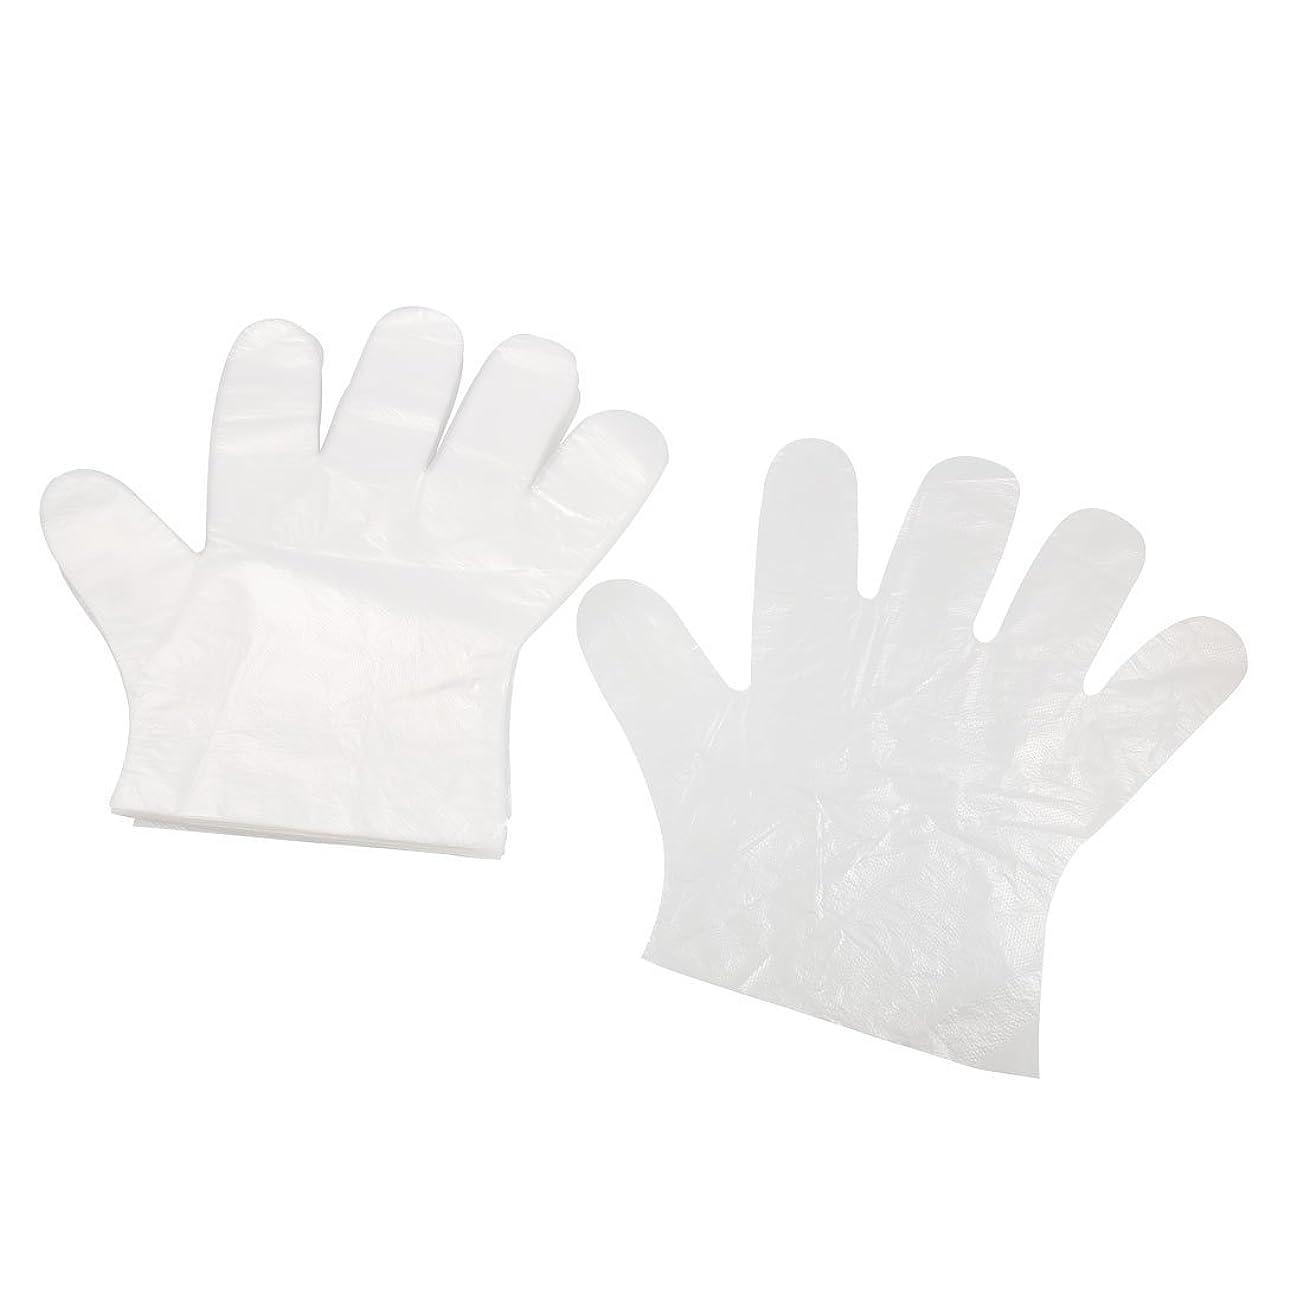 祖先スイッチリングバックuxcell ポリエチレングローブ PE手袋 PE プラスチック製 クリア ホワイト 屋外バーベキュー用 絵画の助手 50ペア入り